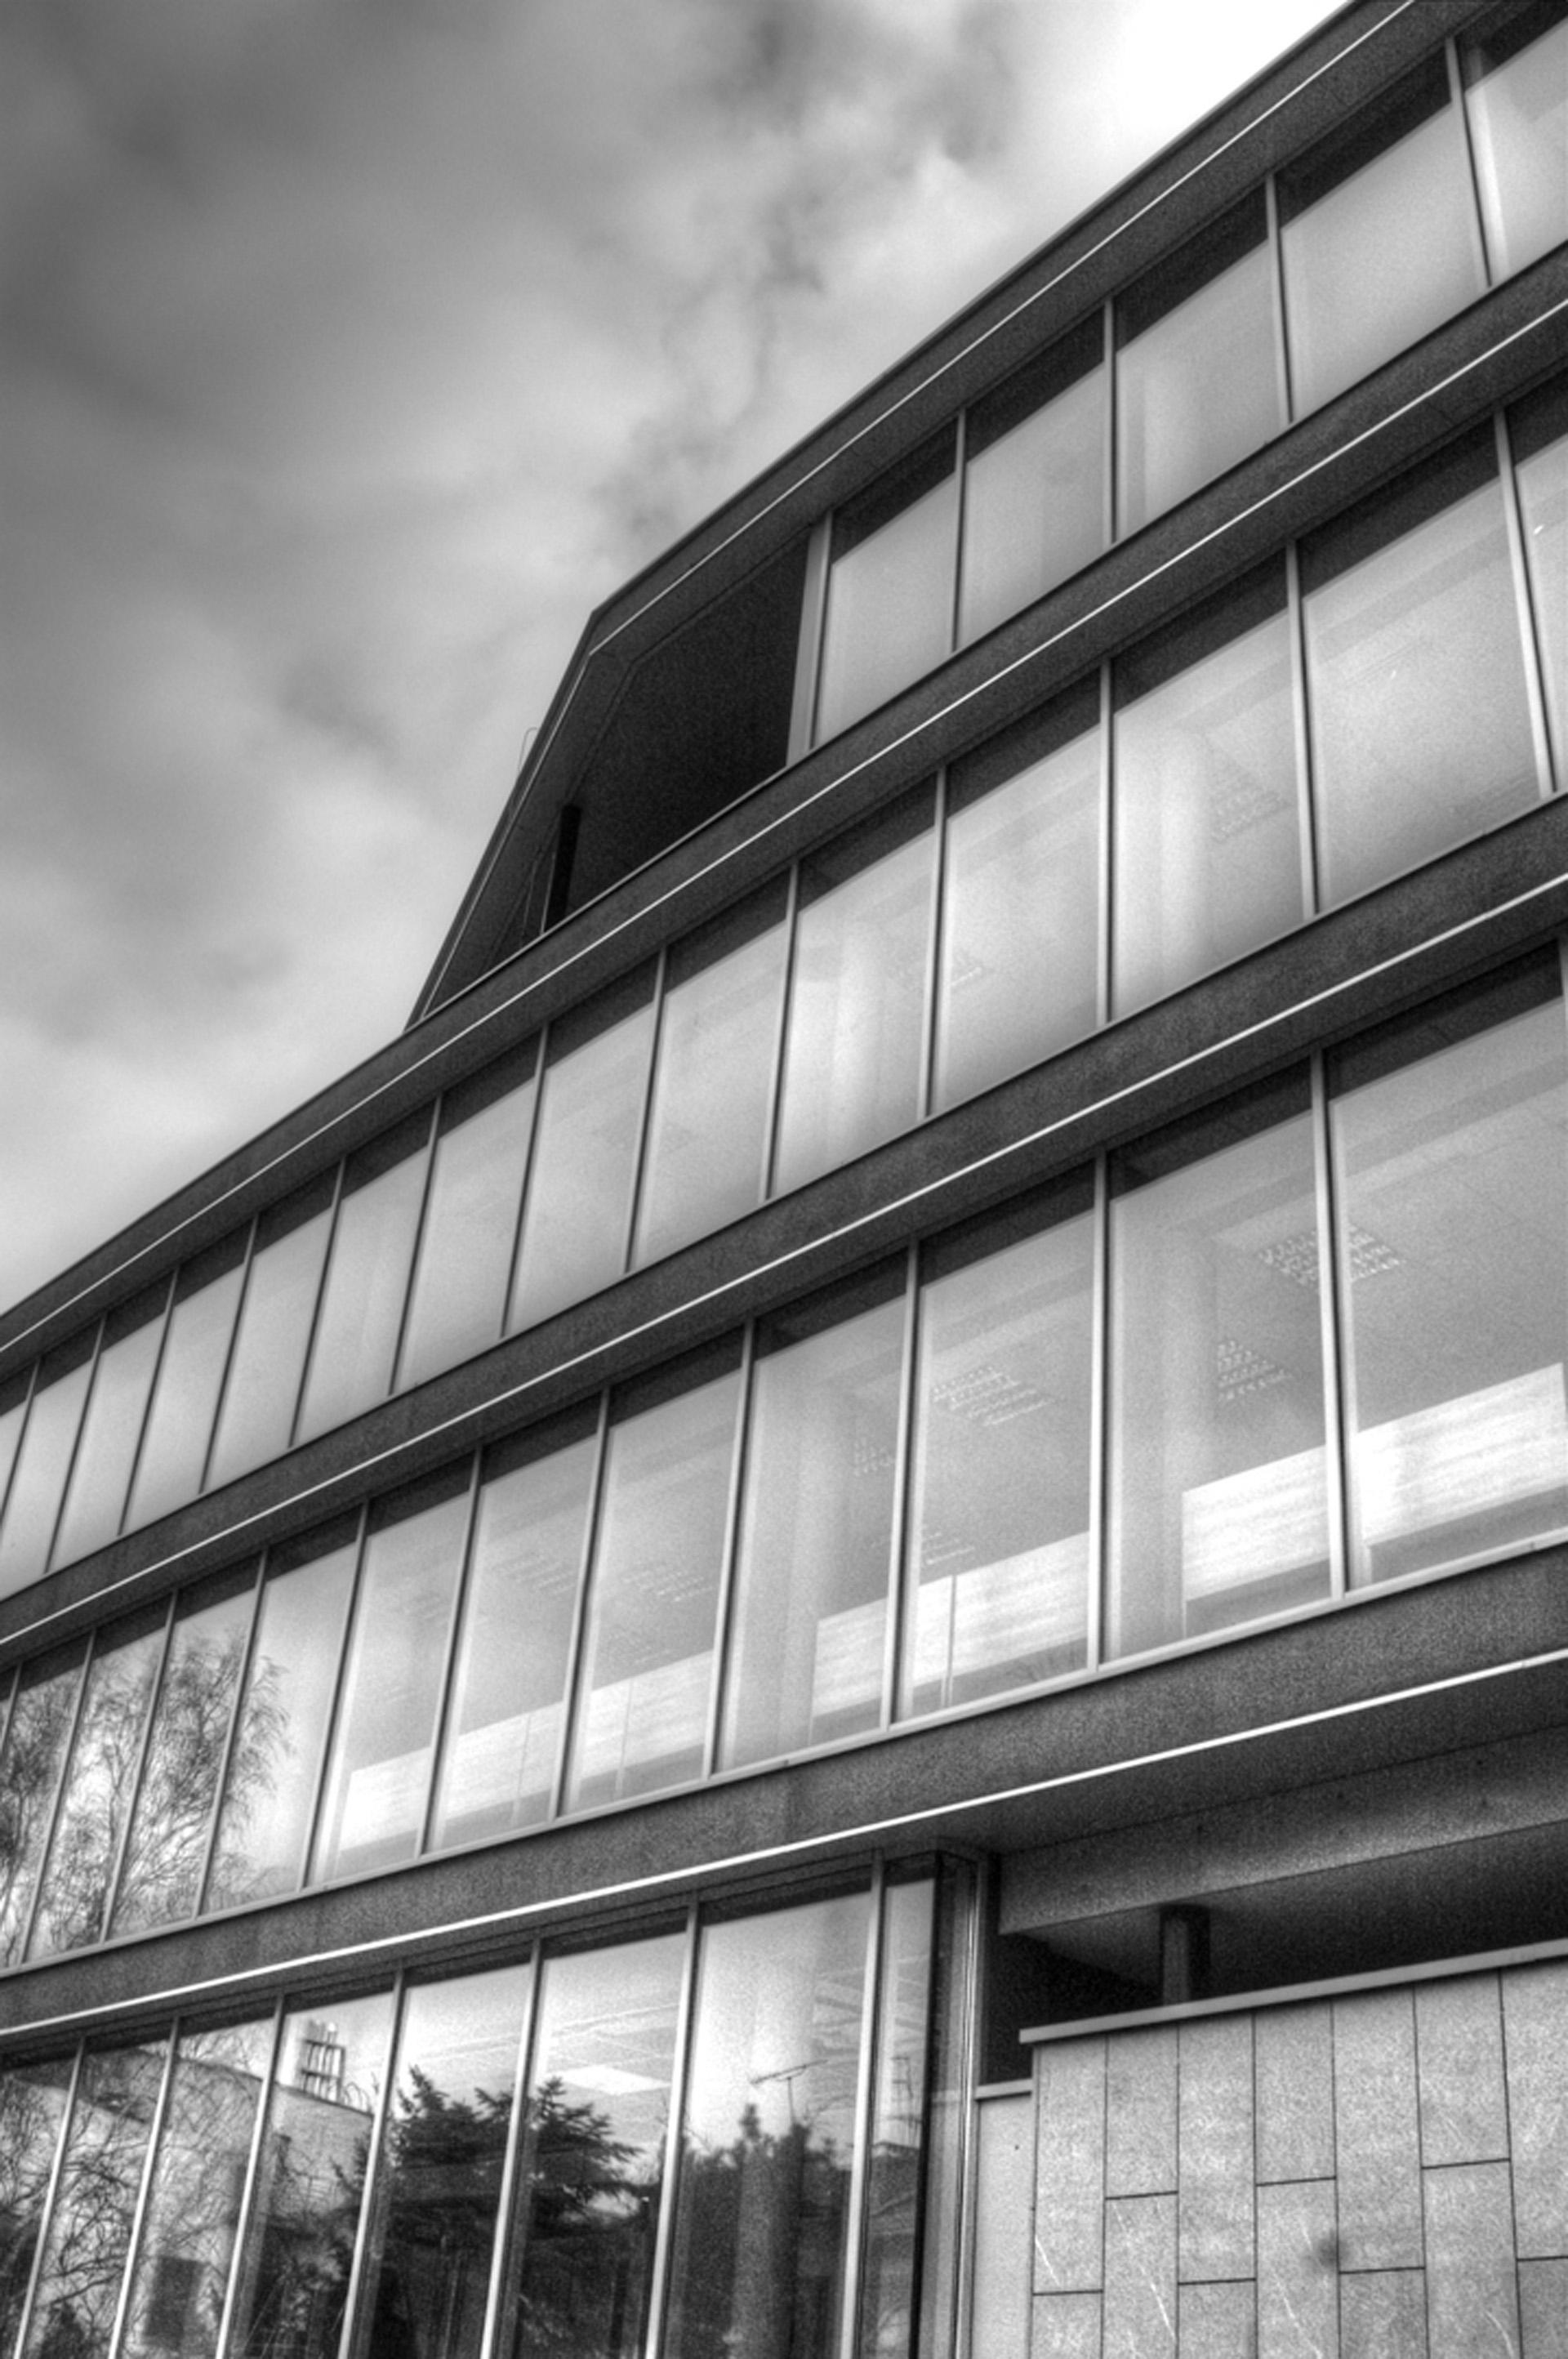 Budynek biurowy przy ul. Tanecznej w Warszawie. Projekt budynku biurowego BAZA architekci.